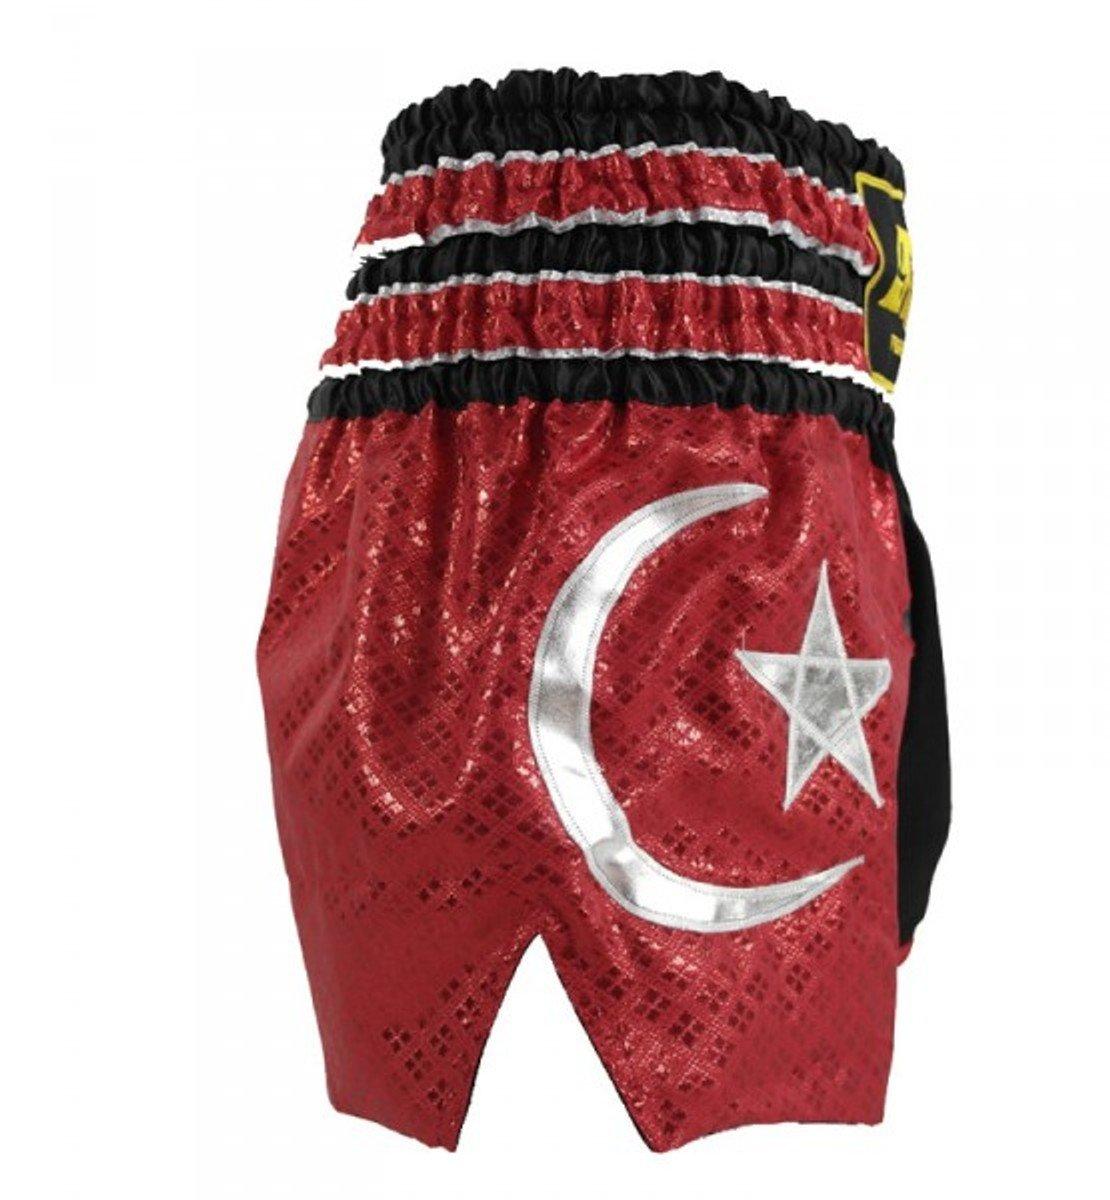 4Fighter Muay Thai Shorts National T/ürkei in schwarz mit der roten Nationalflagge